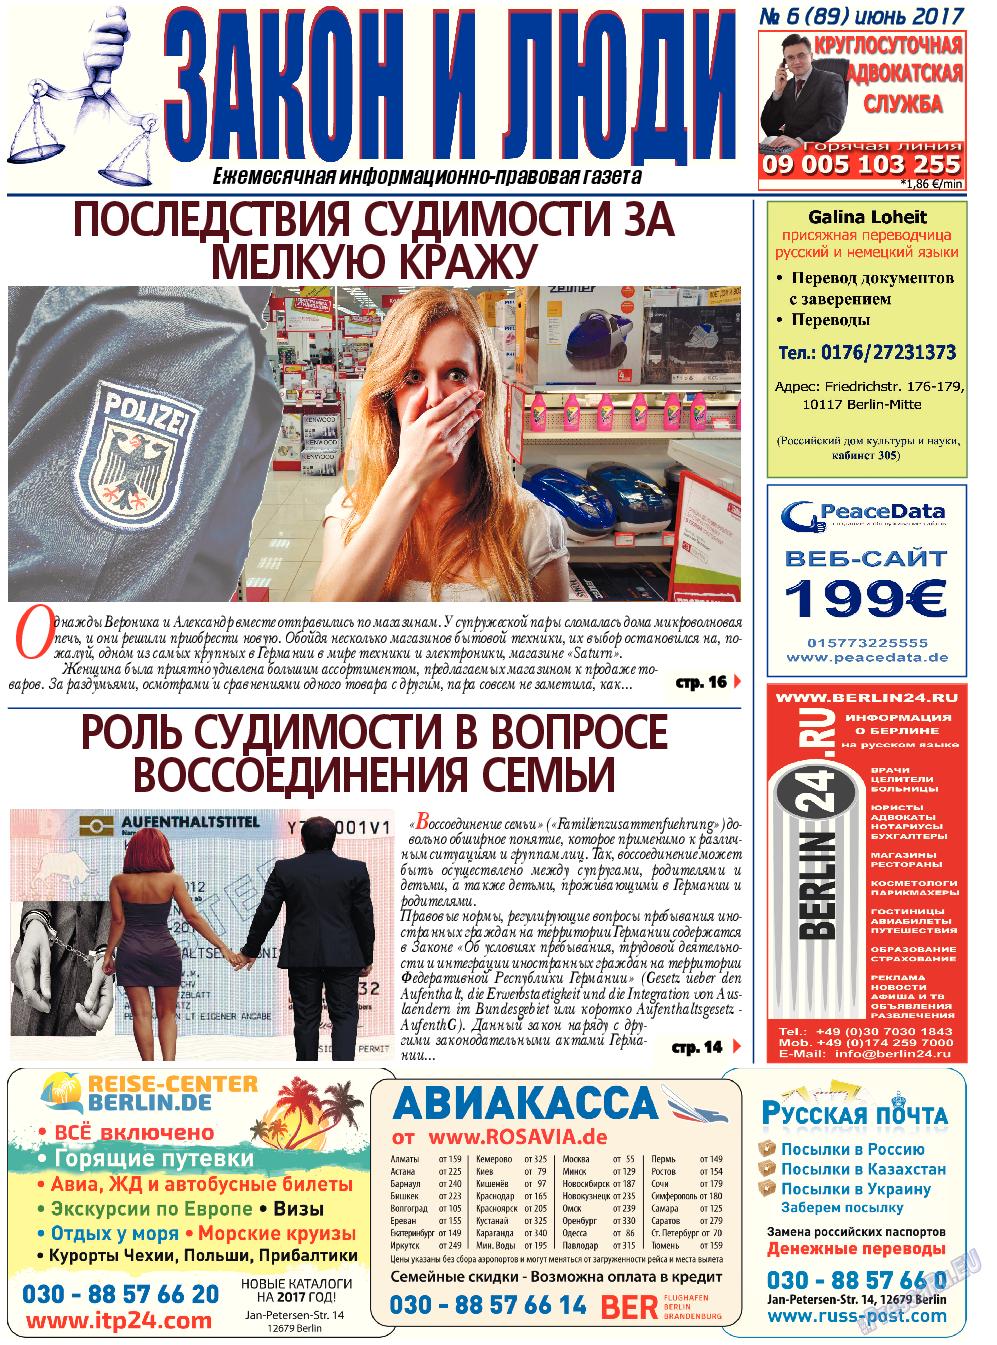 Закон и люди (газета). 2017 год, номер 6, стр. 1